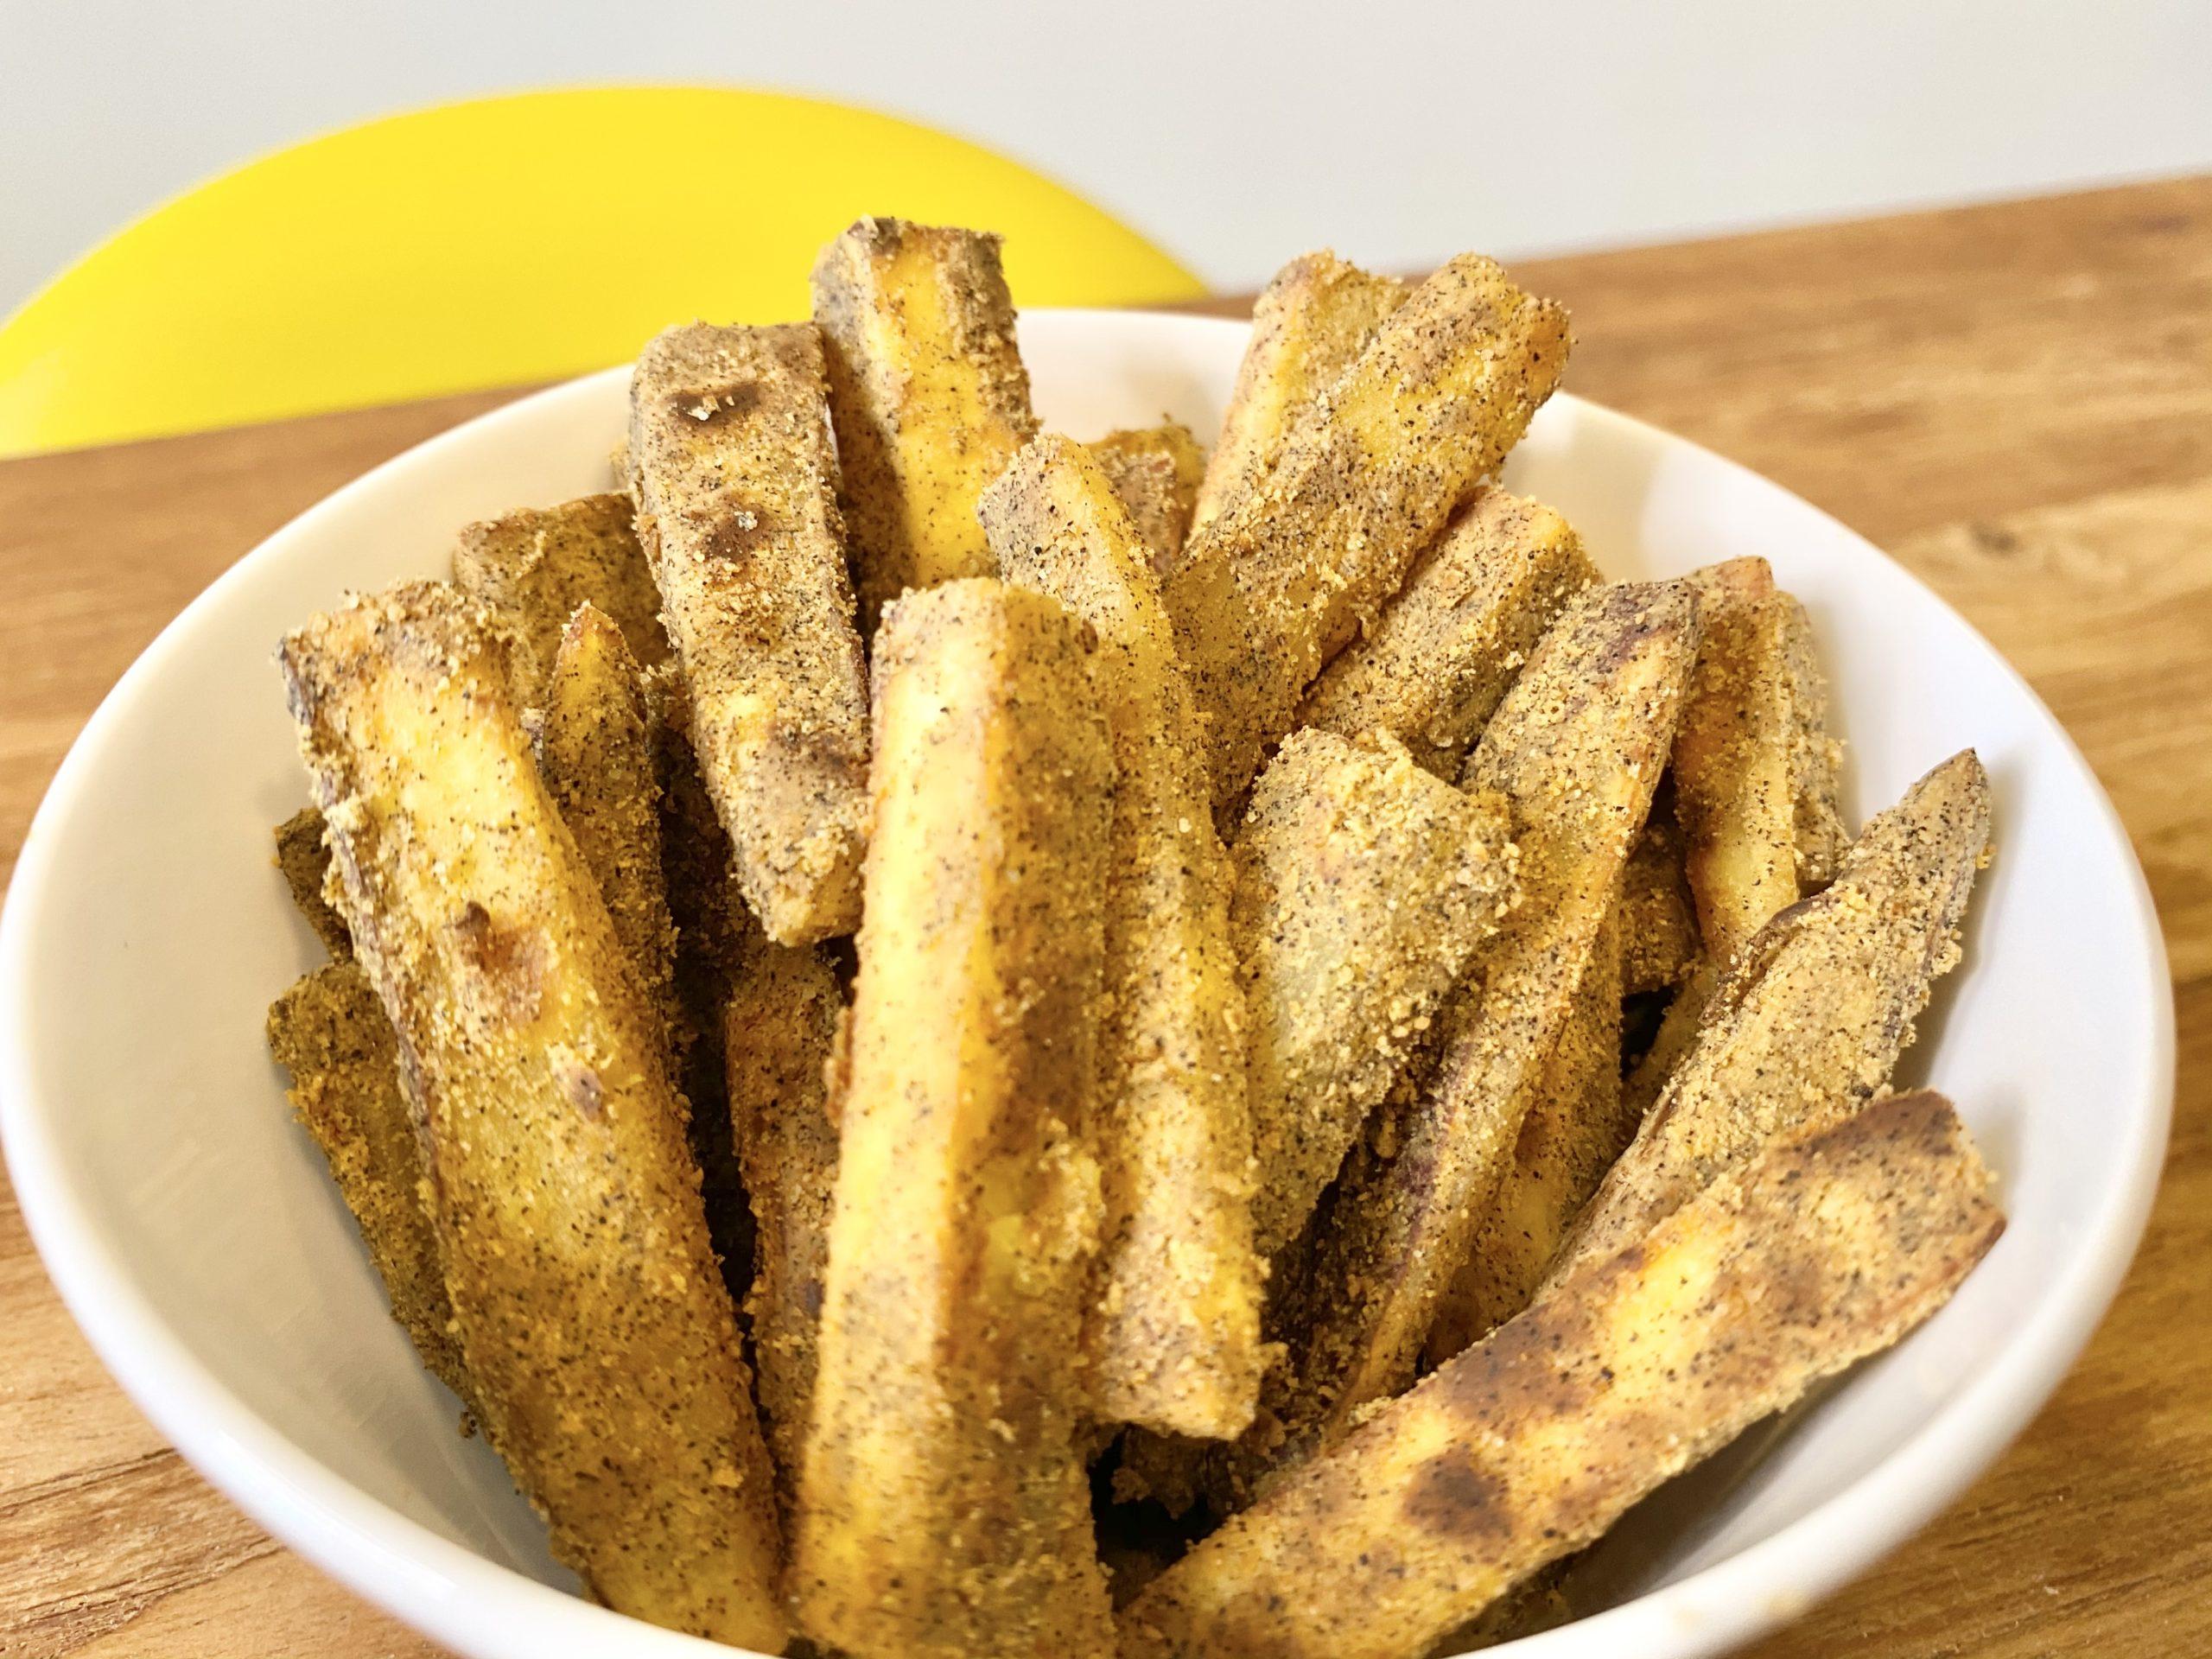 3時のおやつ!「さつまいもときな粉のバター焼き」のレシピ